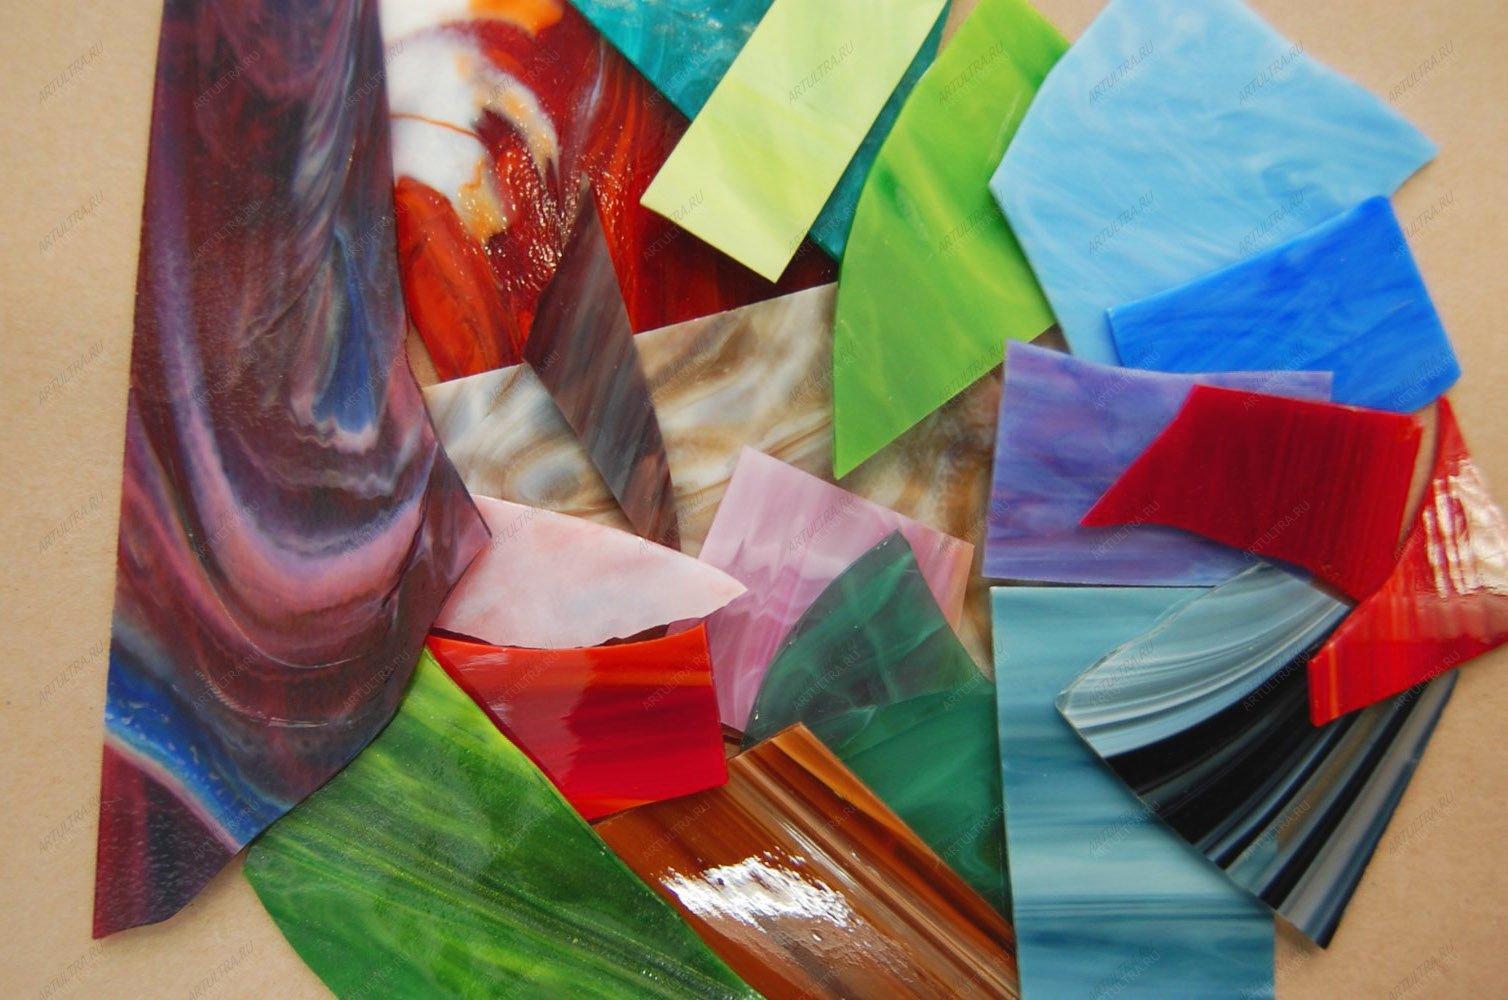 Купить разноцветное стекло